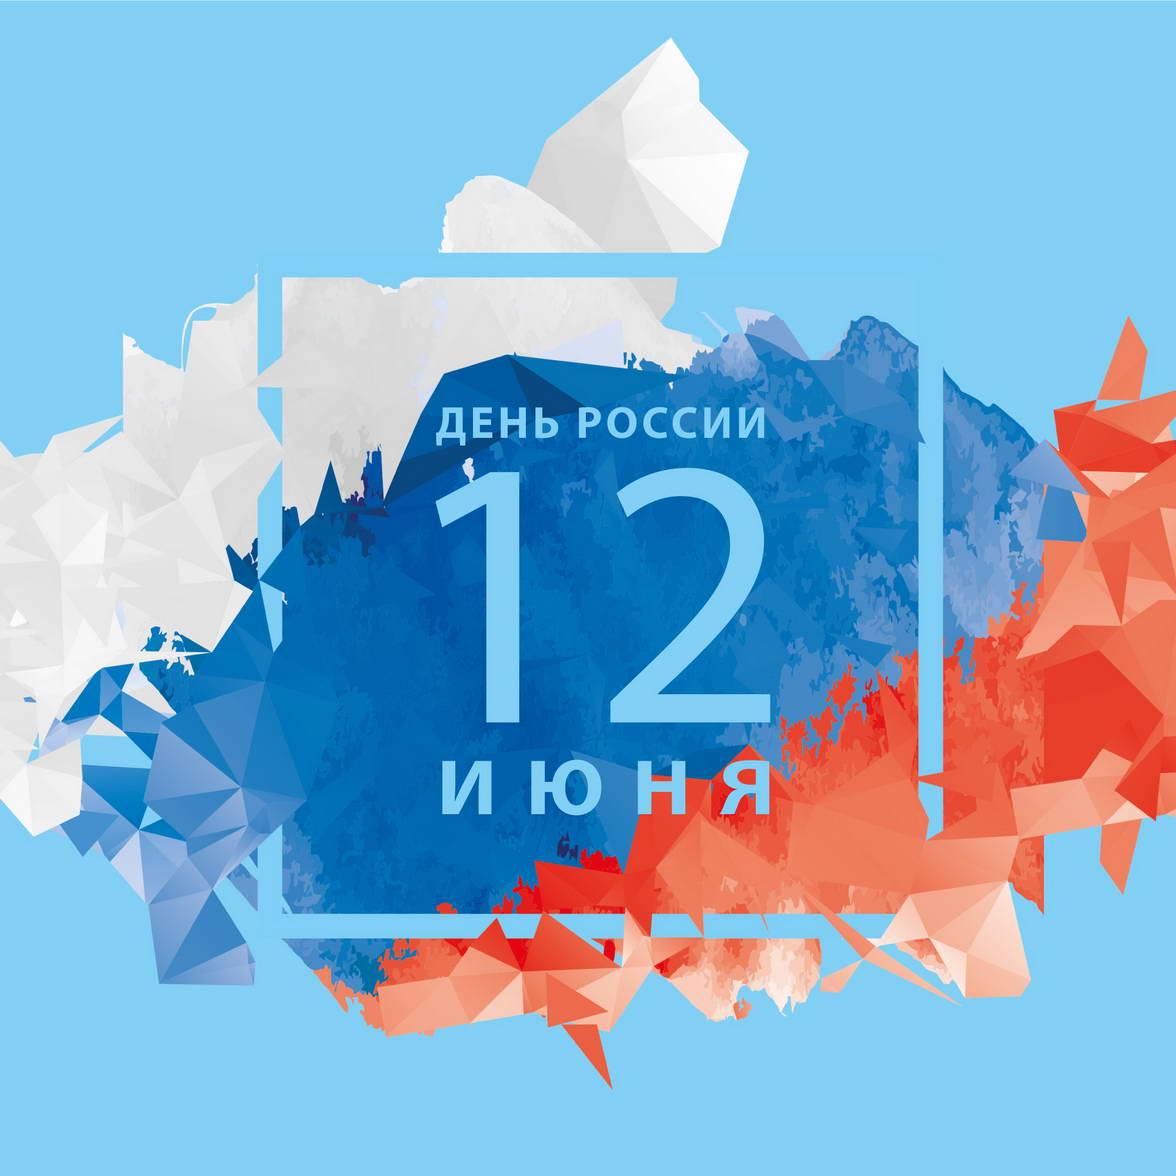 Открытка День России 12 июня Одинцовский парк